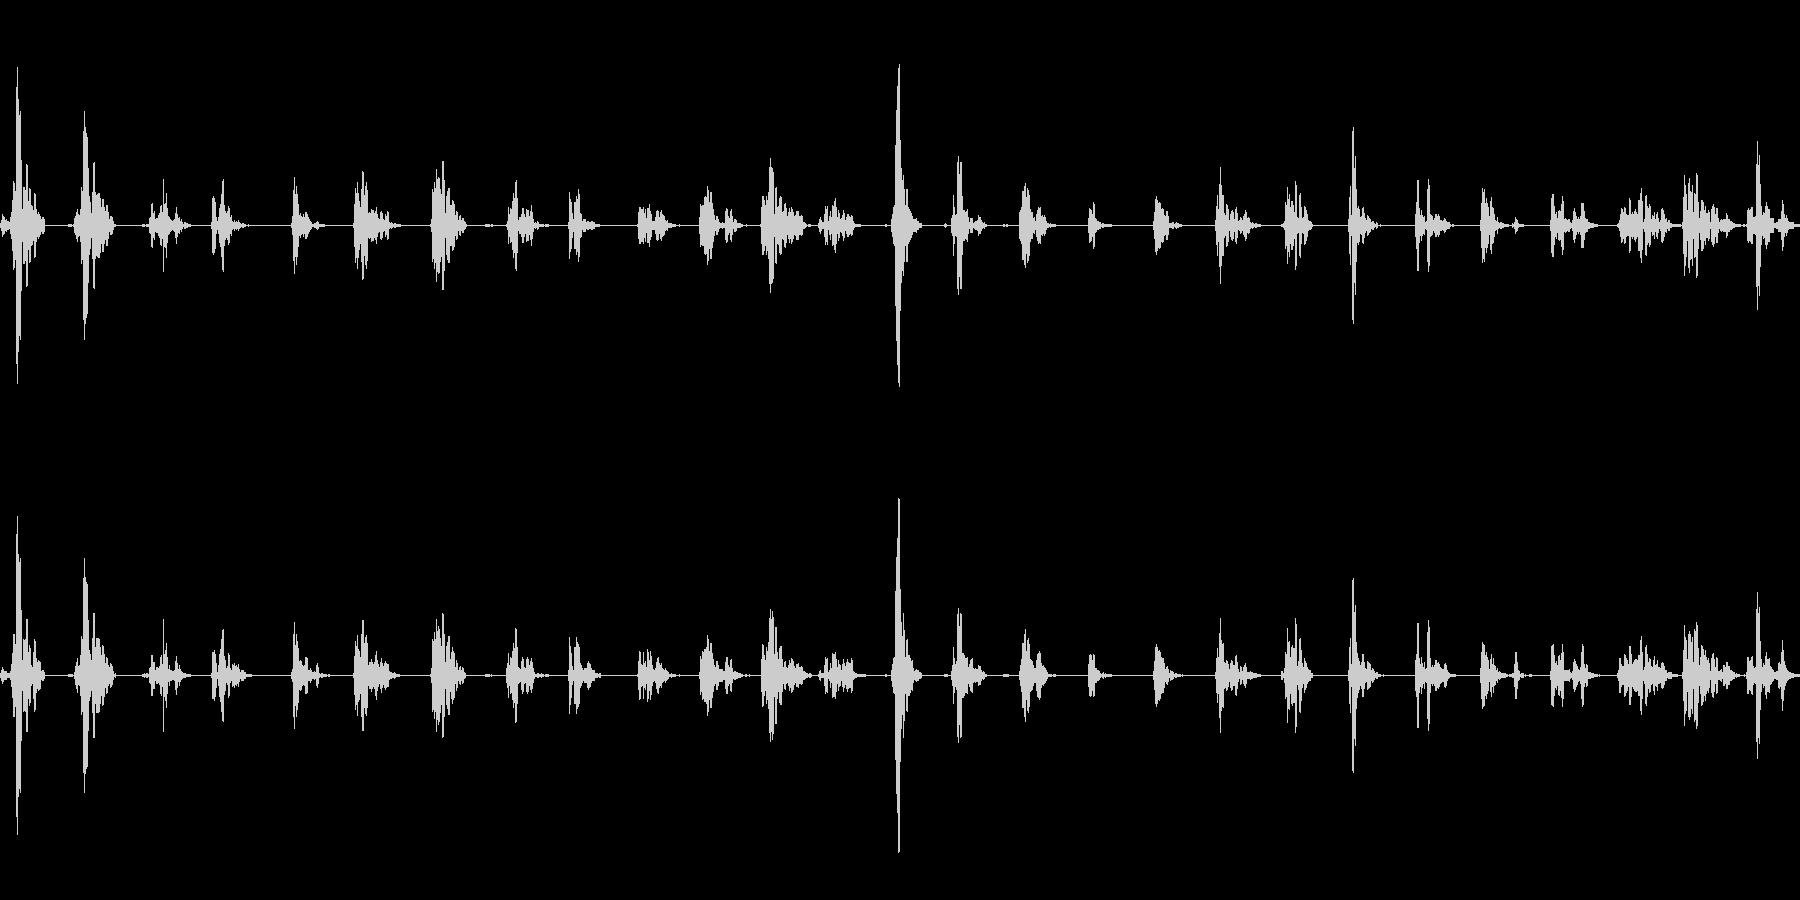 じゅうたんの上を歩く足音の未再生の波形